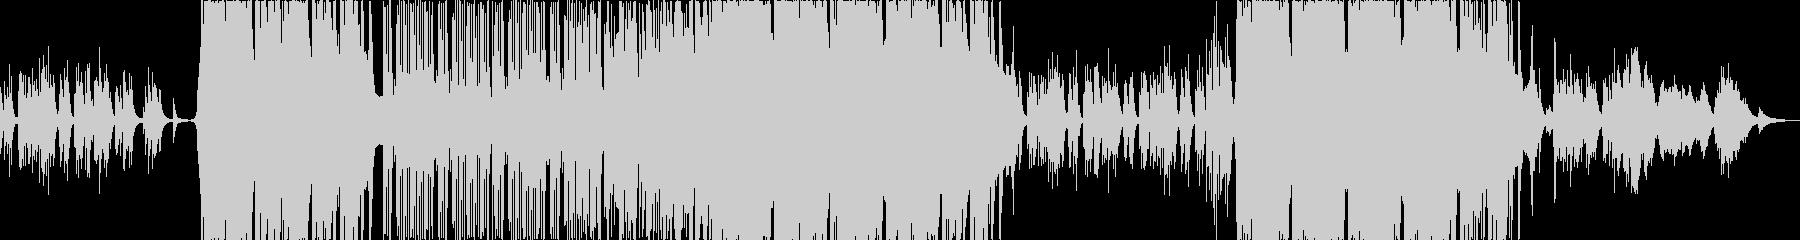 雪国をイメージした和風ピアノBGMの未再生の波形